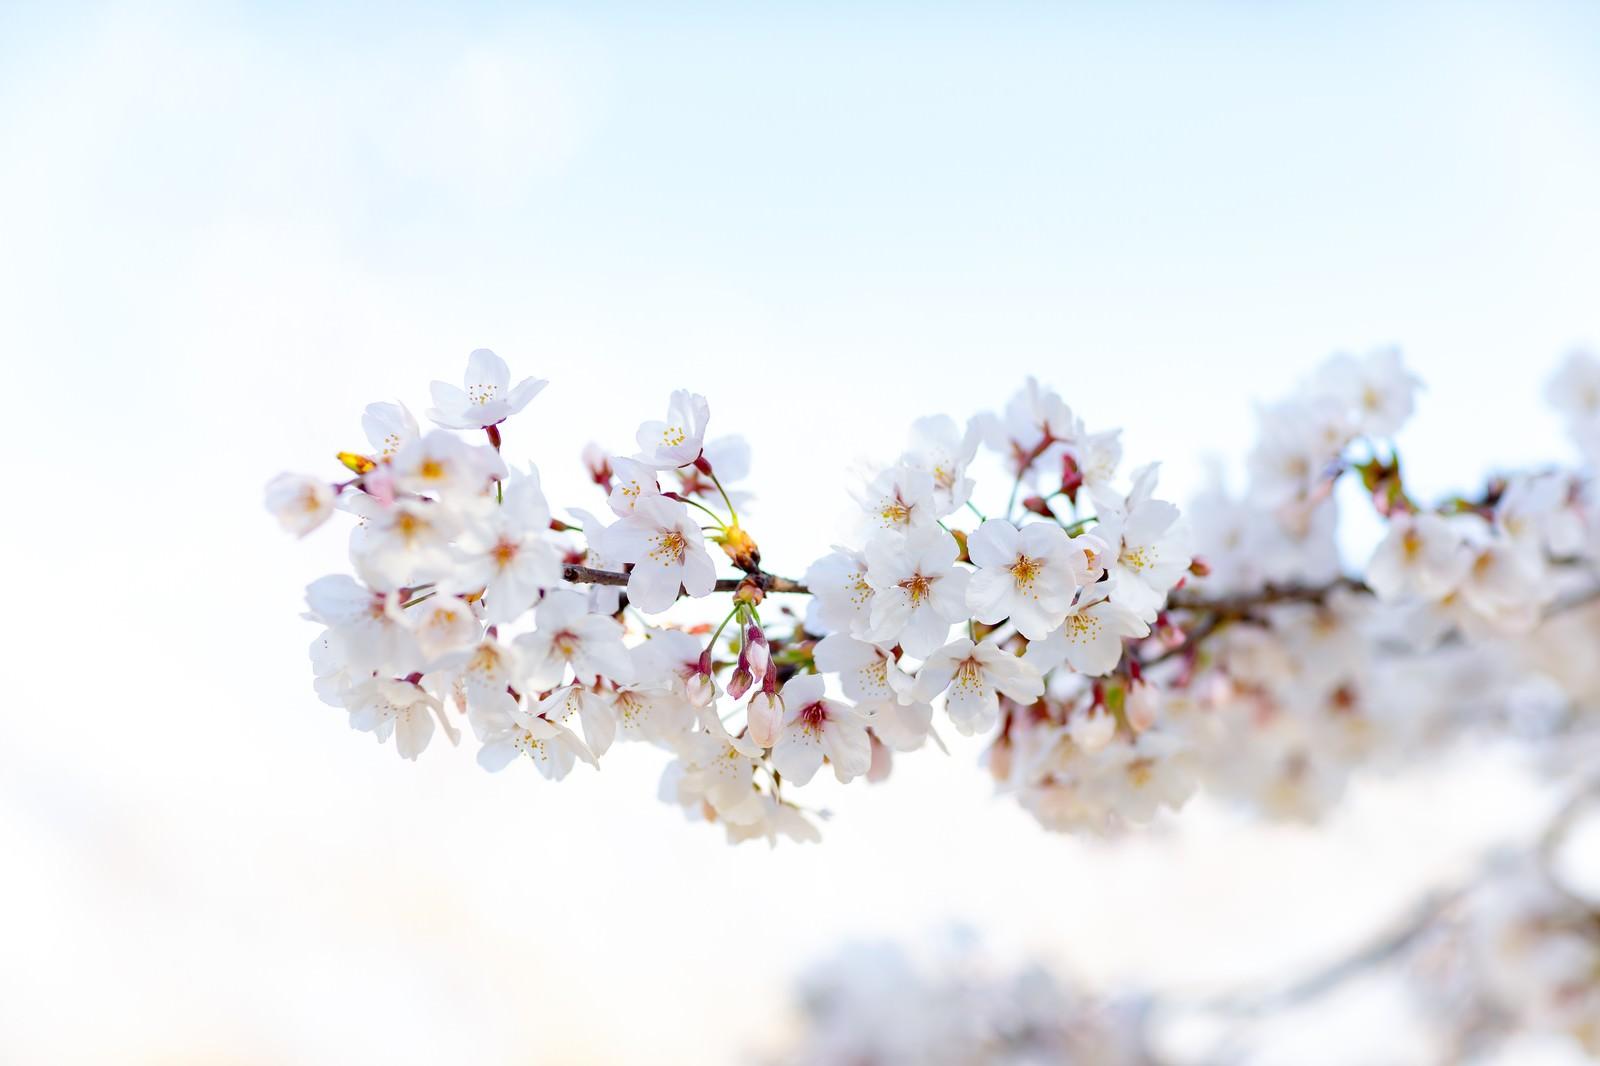 「霞む空に訪れる満開の桜」の写真